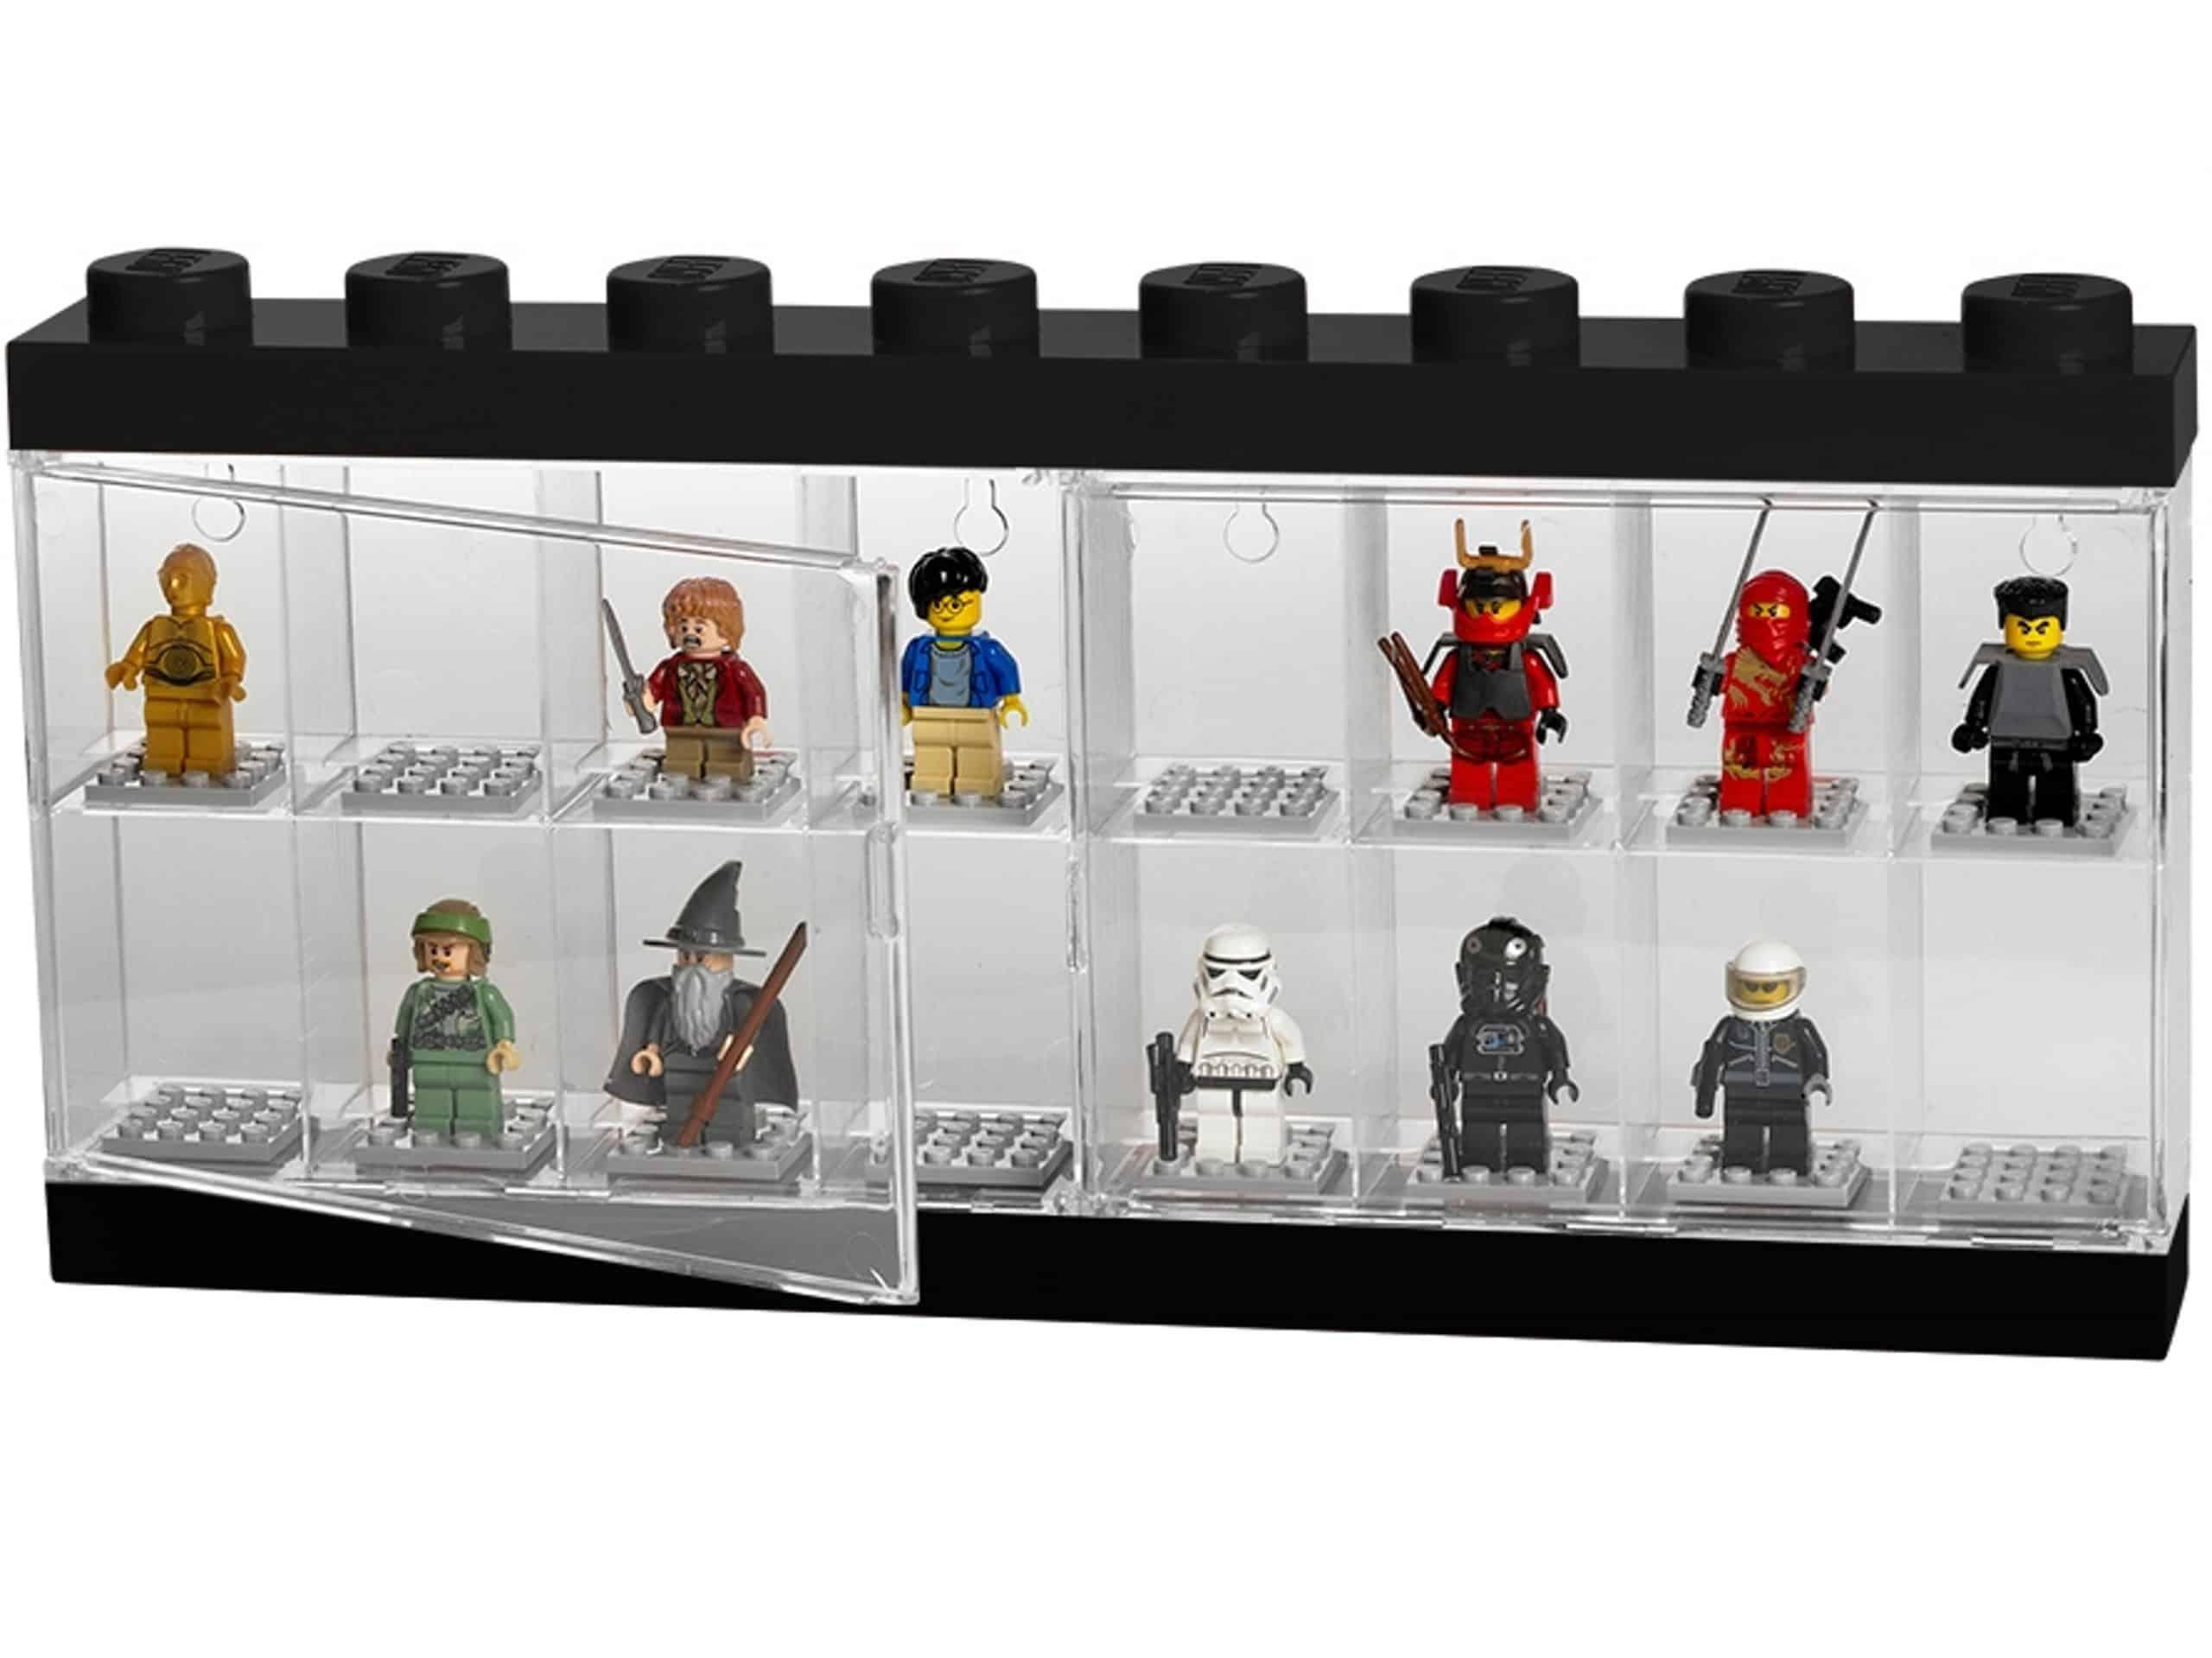 lego 5005375 udstillingskasse til 16 minifigurer scaled